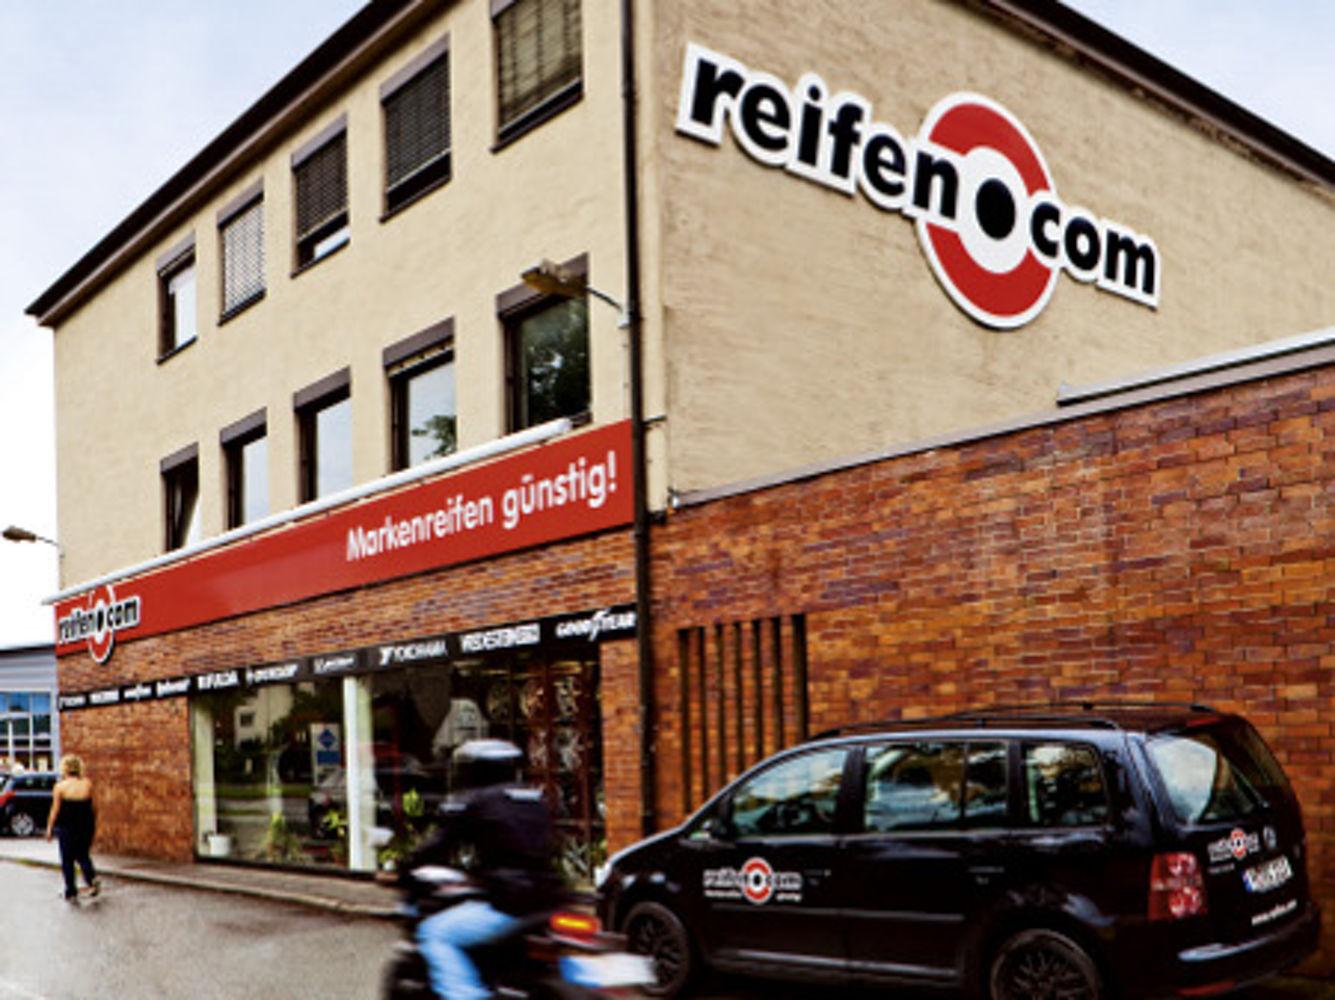 reifen.com-Filiale in Nürnberg Langwasser